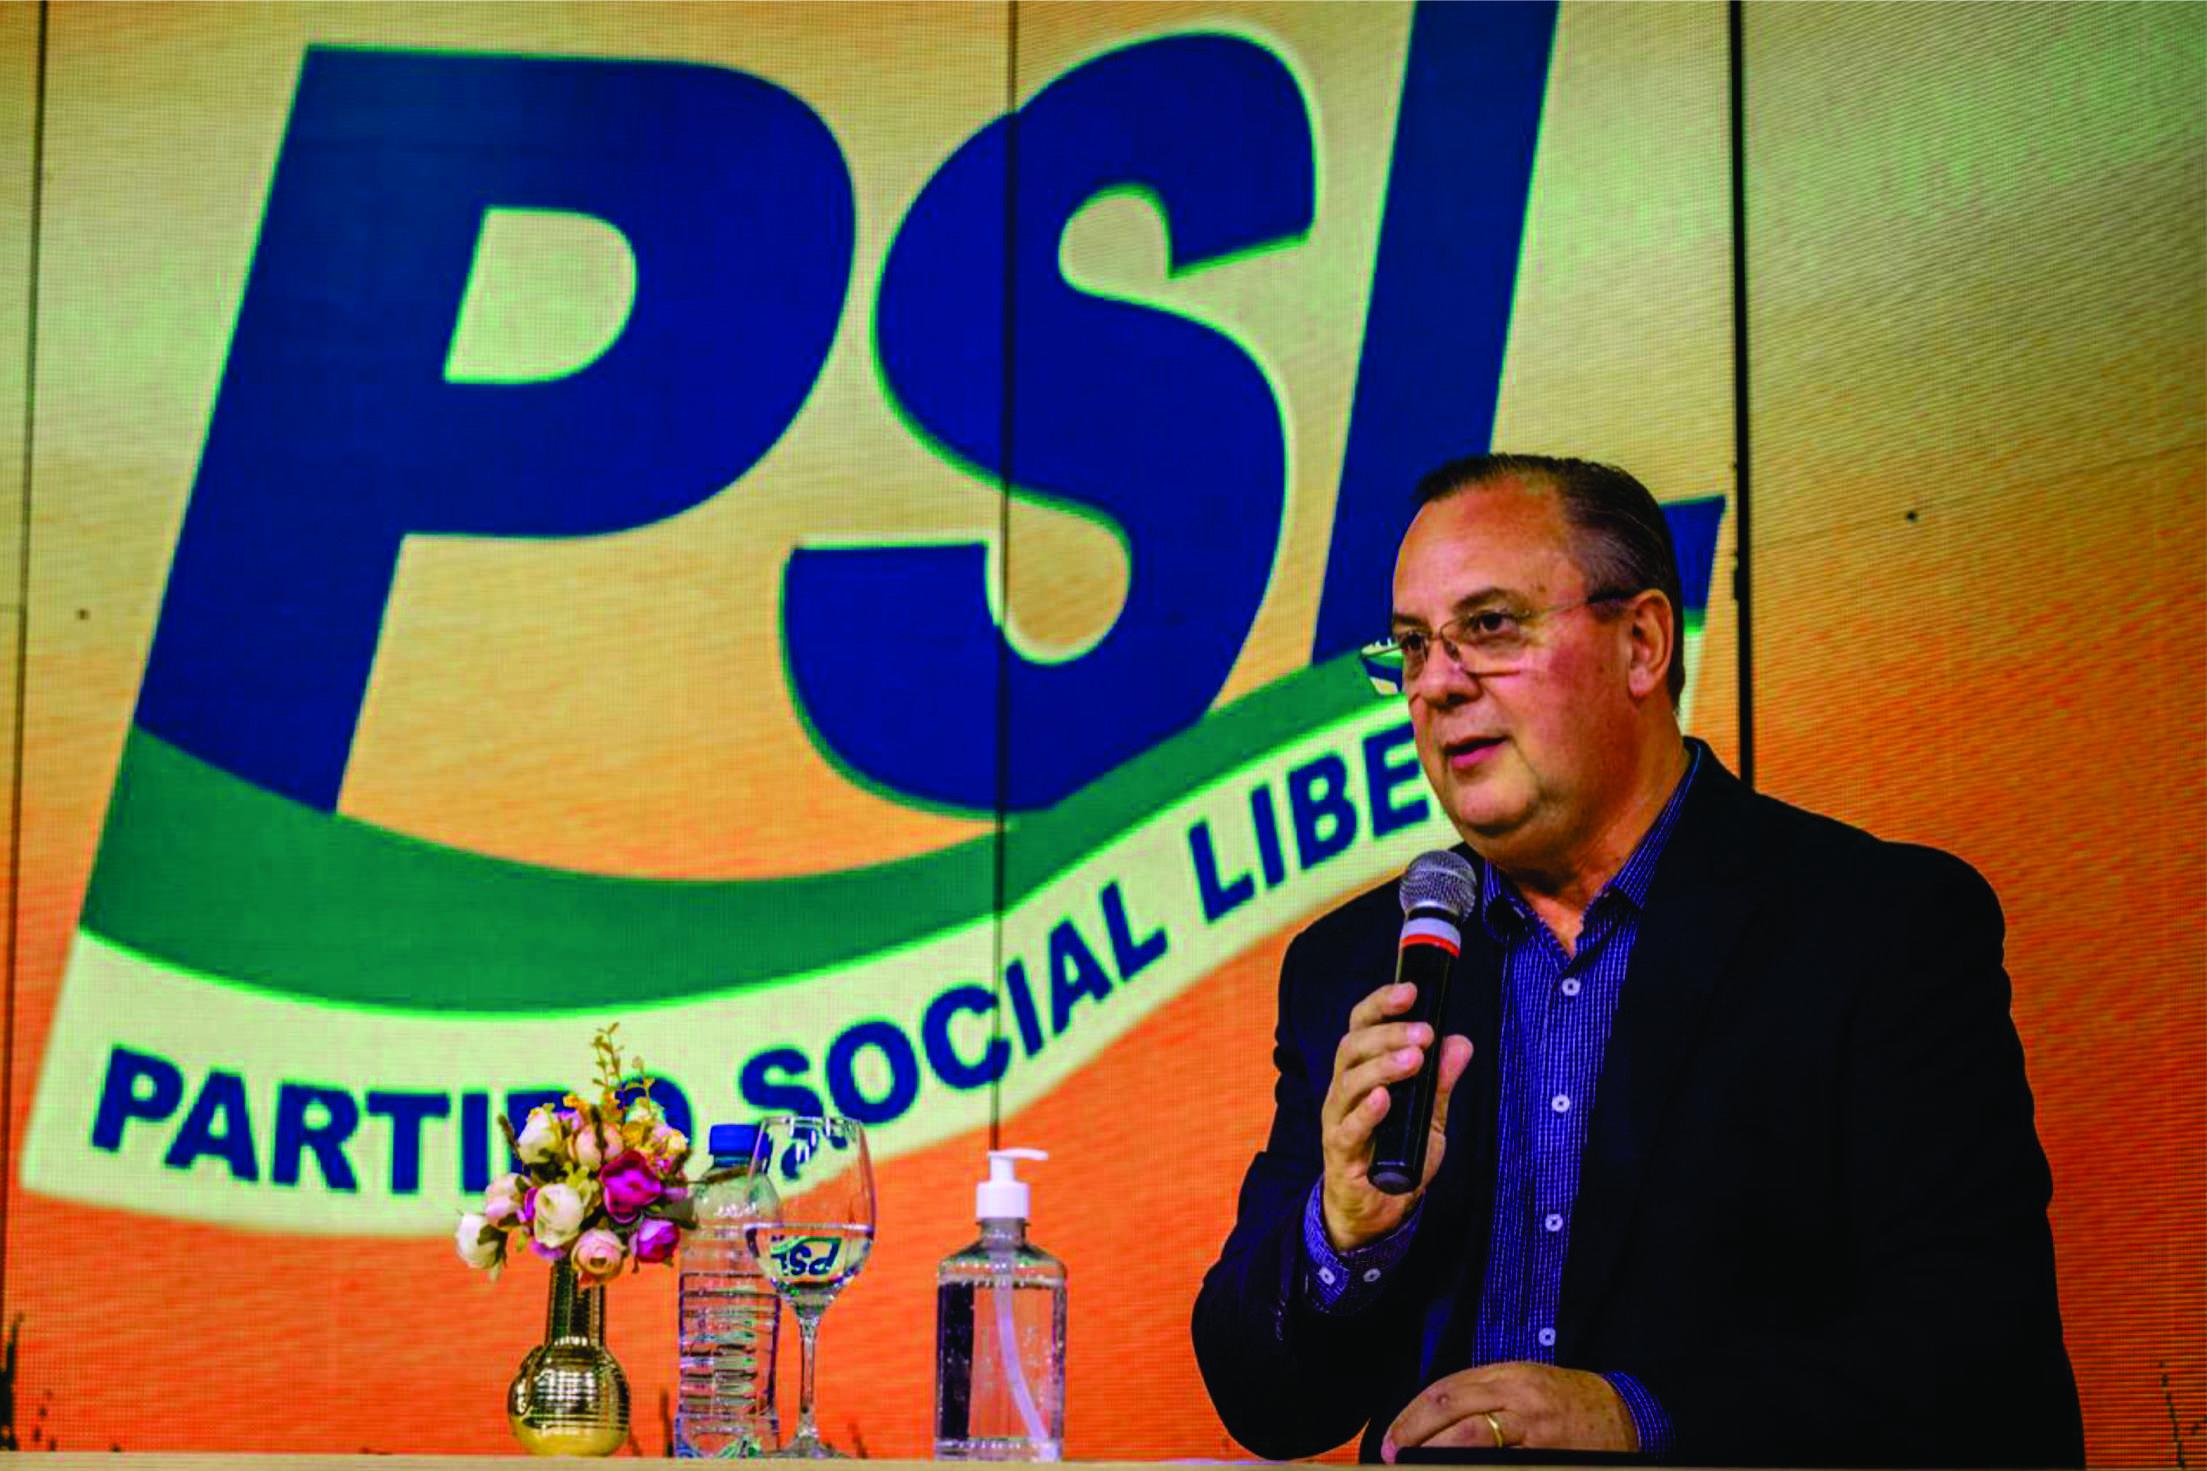 Candidato a Vice-Prefeito de Porto Alegre na última eleição, Delegado Fernando Soares reforça quadros do PSL e assume a Vice-Presidência do partido no RS.